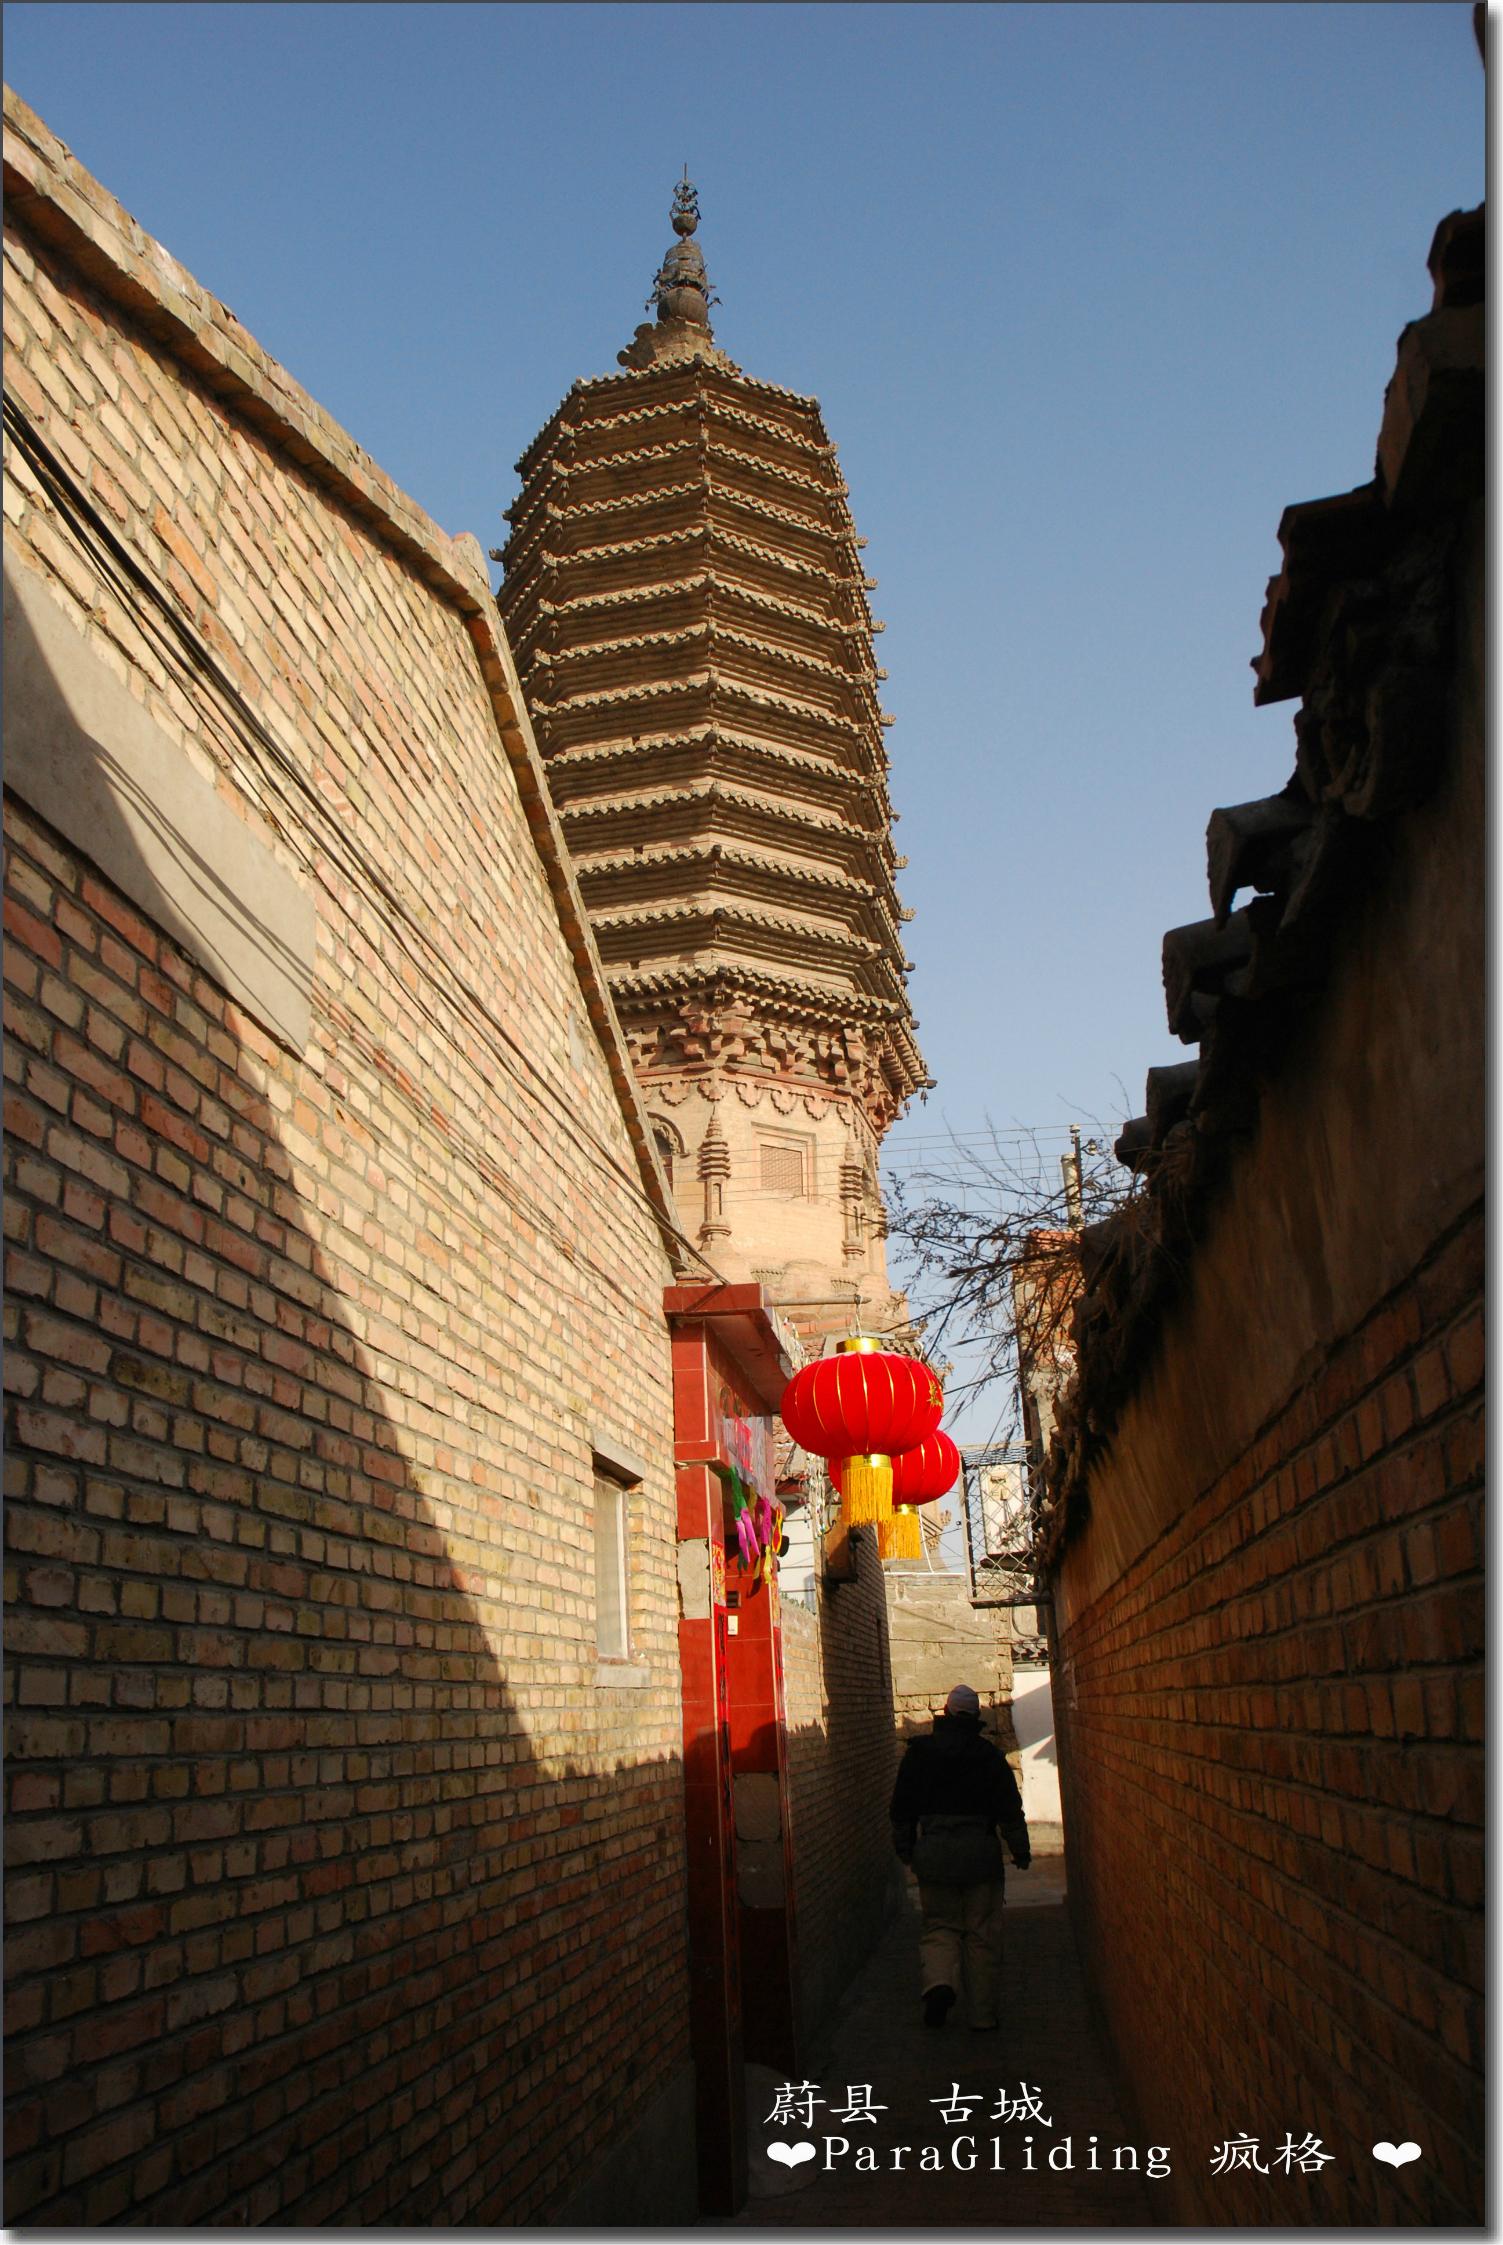 但根据南安寺塔的结构,造型分析,现存应为辽代建筑.